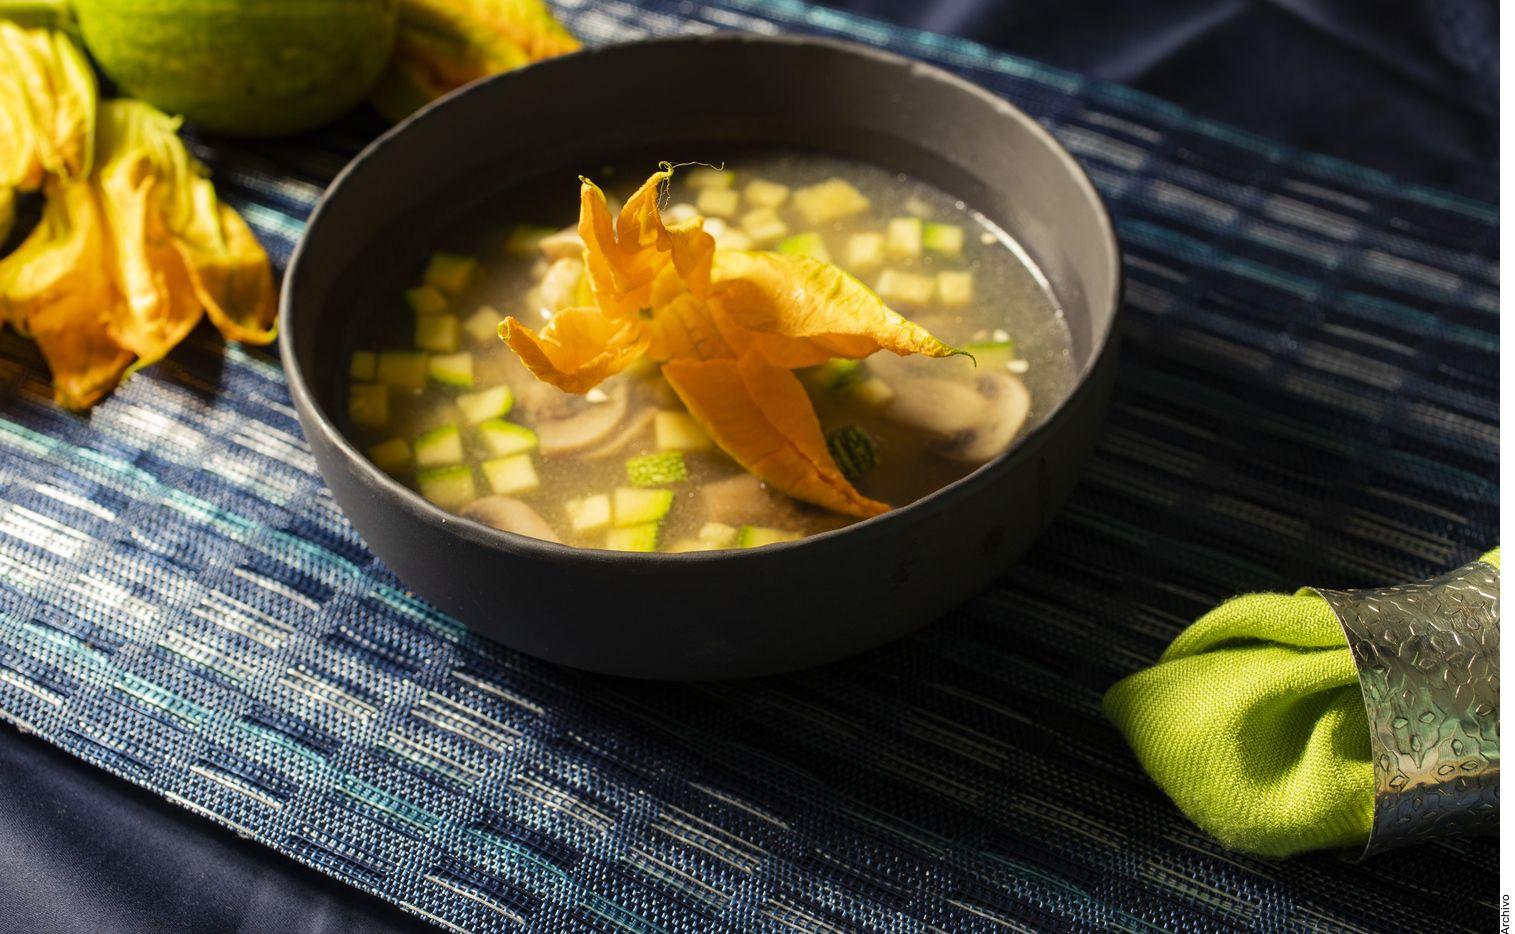 Según la Real Academia, la sopa es un plato compuesto de uno o más ingredientes sólidos y caldo. De allí parten discusiones profundas, como la de la línea entre sopa y guisado caldoso.